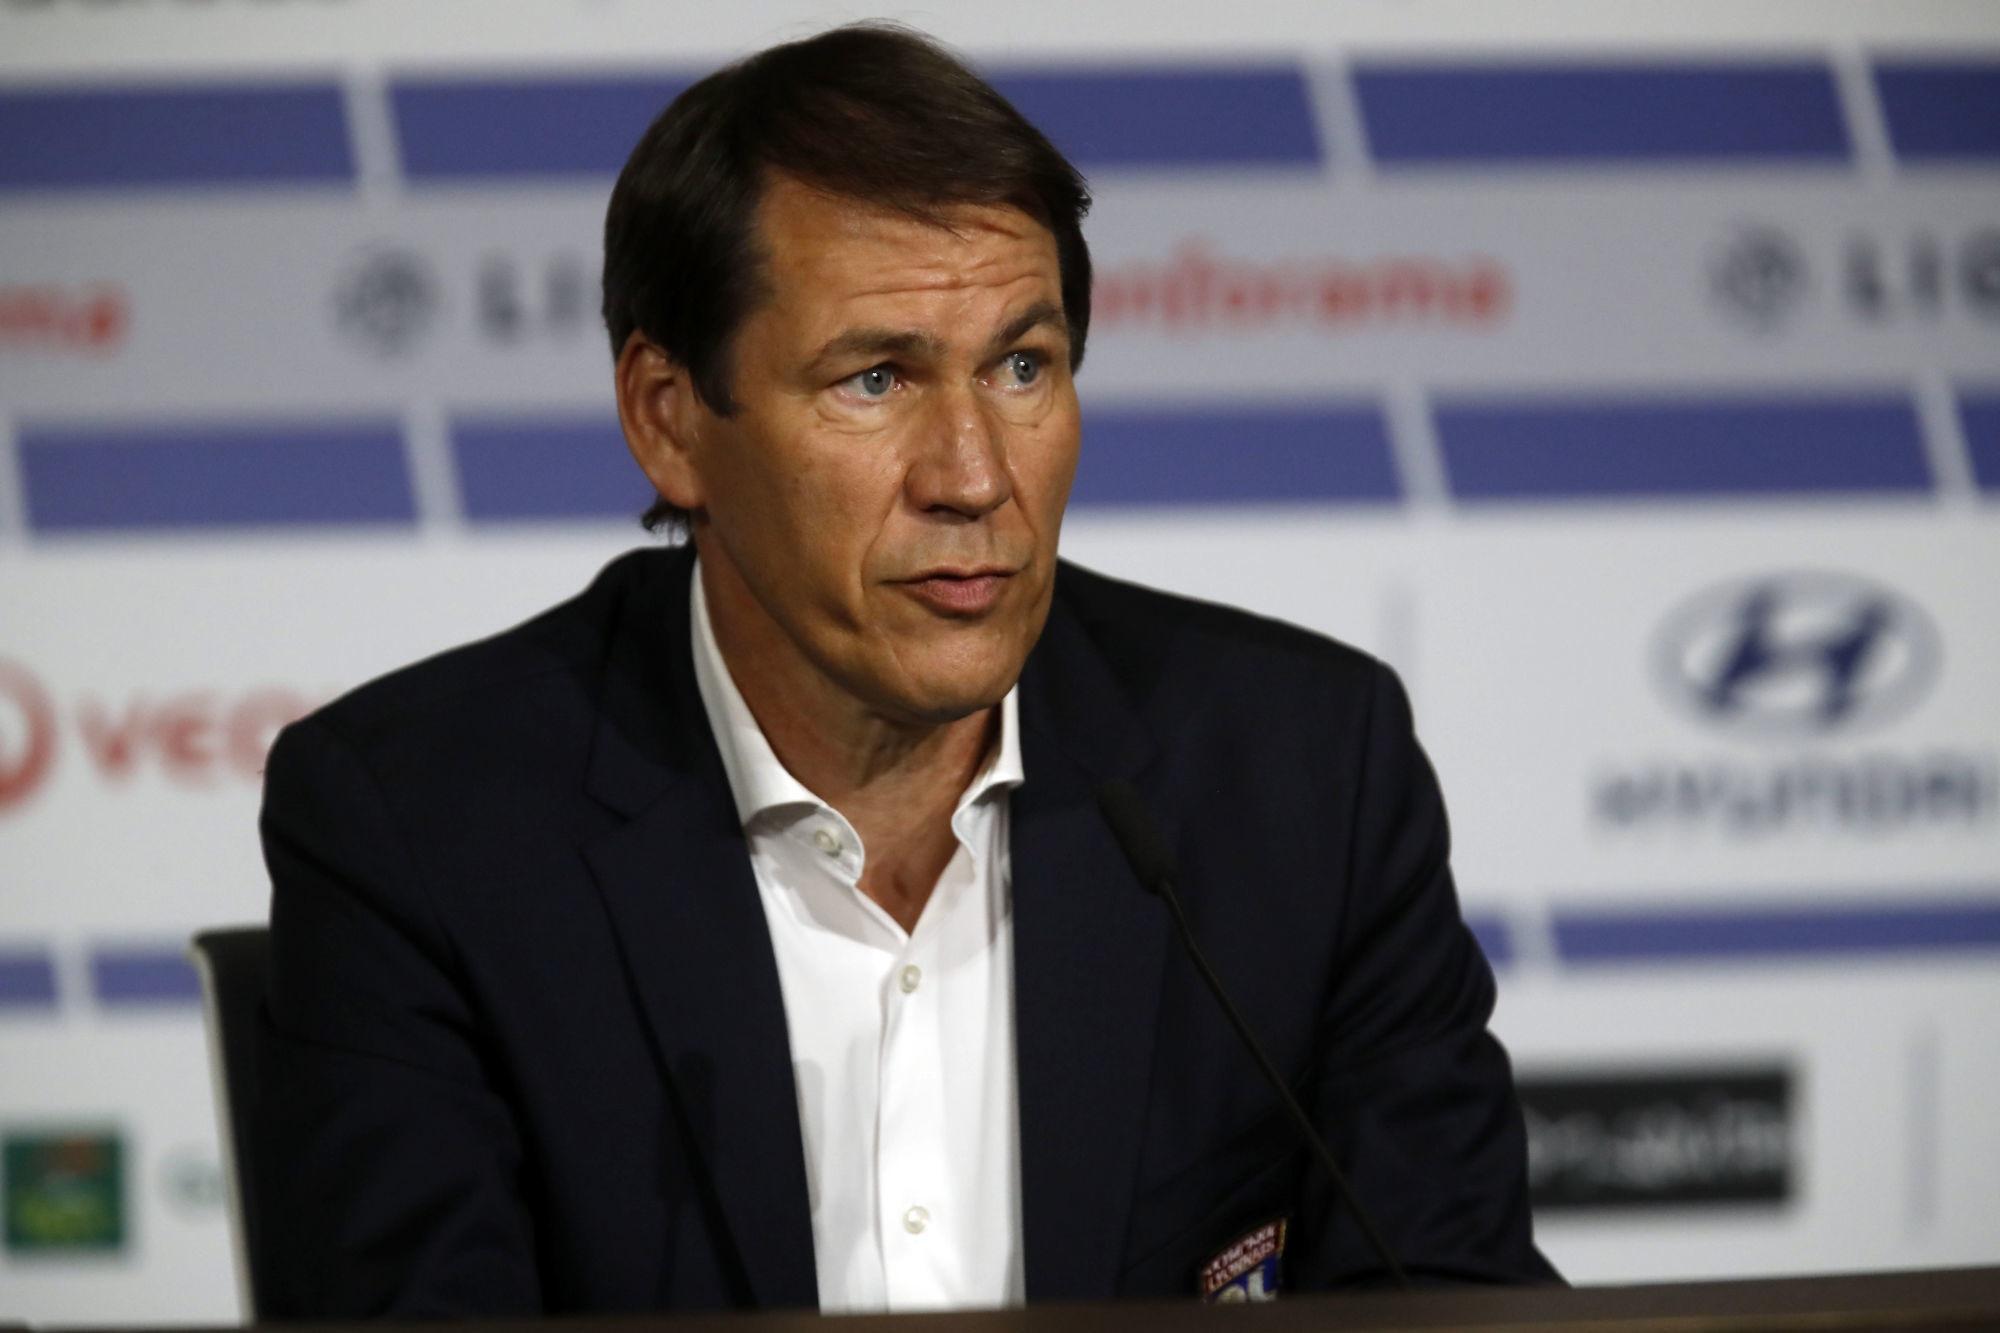 """PSG/OL - Garcie souligne que """"c'était un match fermé"""" et que son équipe """"n'a pas à rougir"""""""